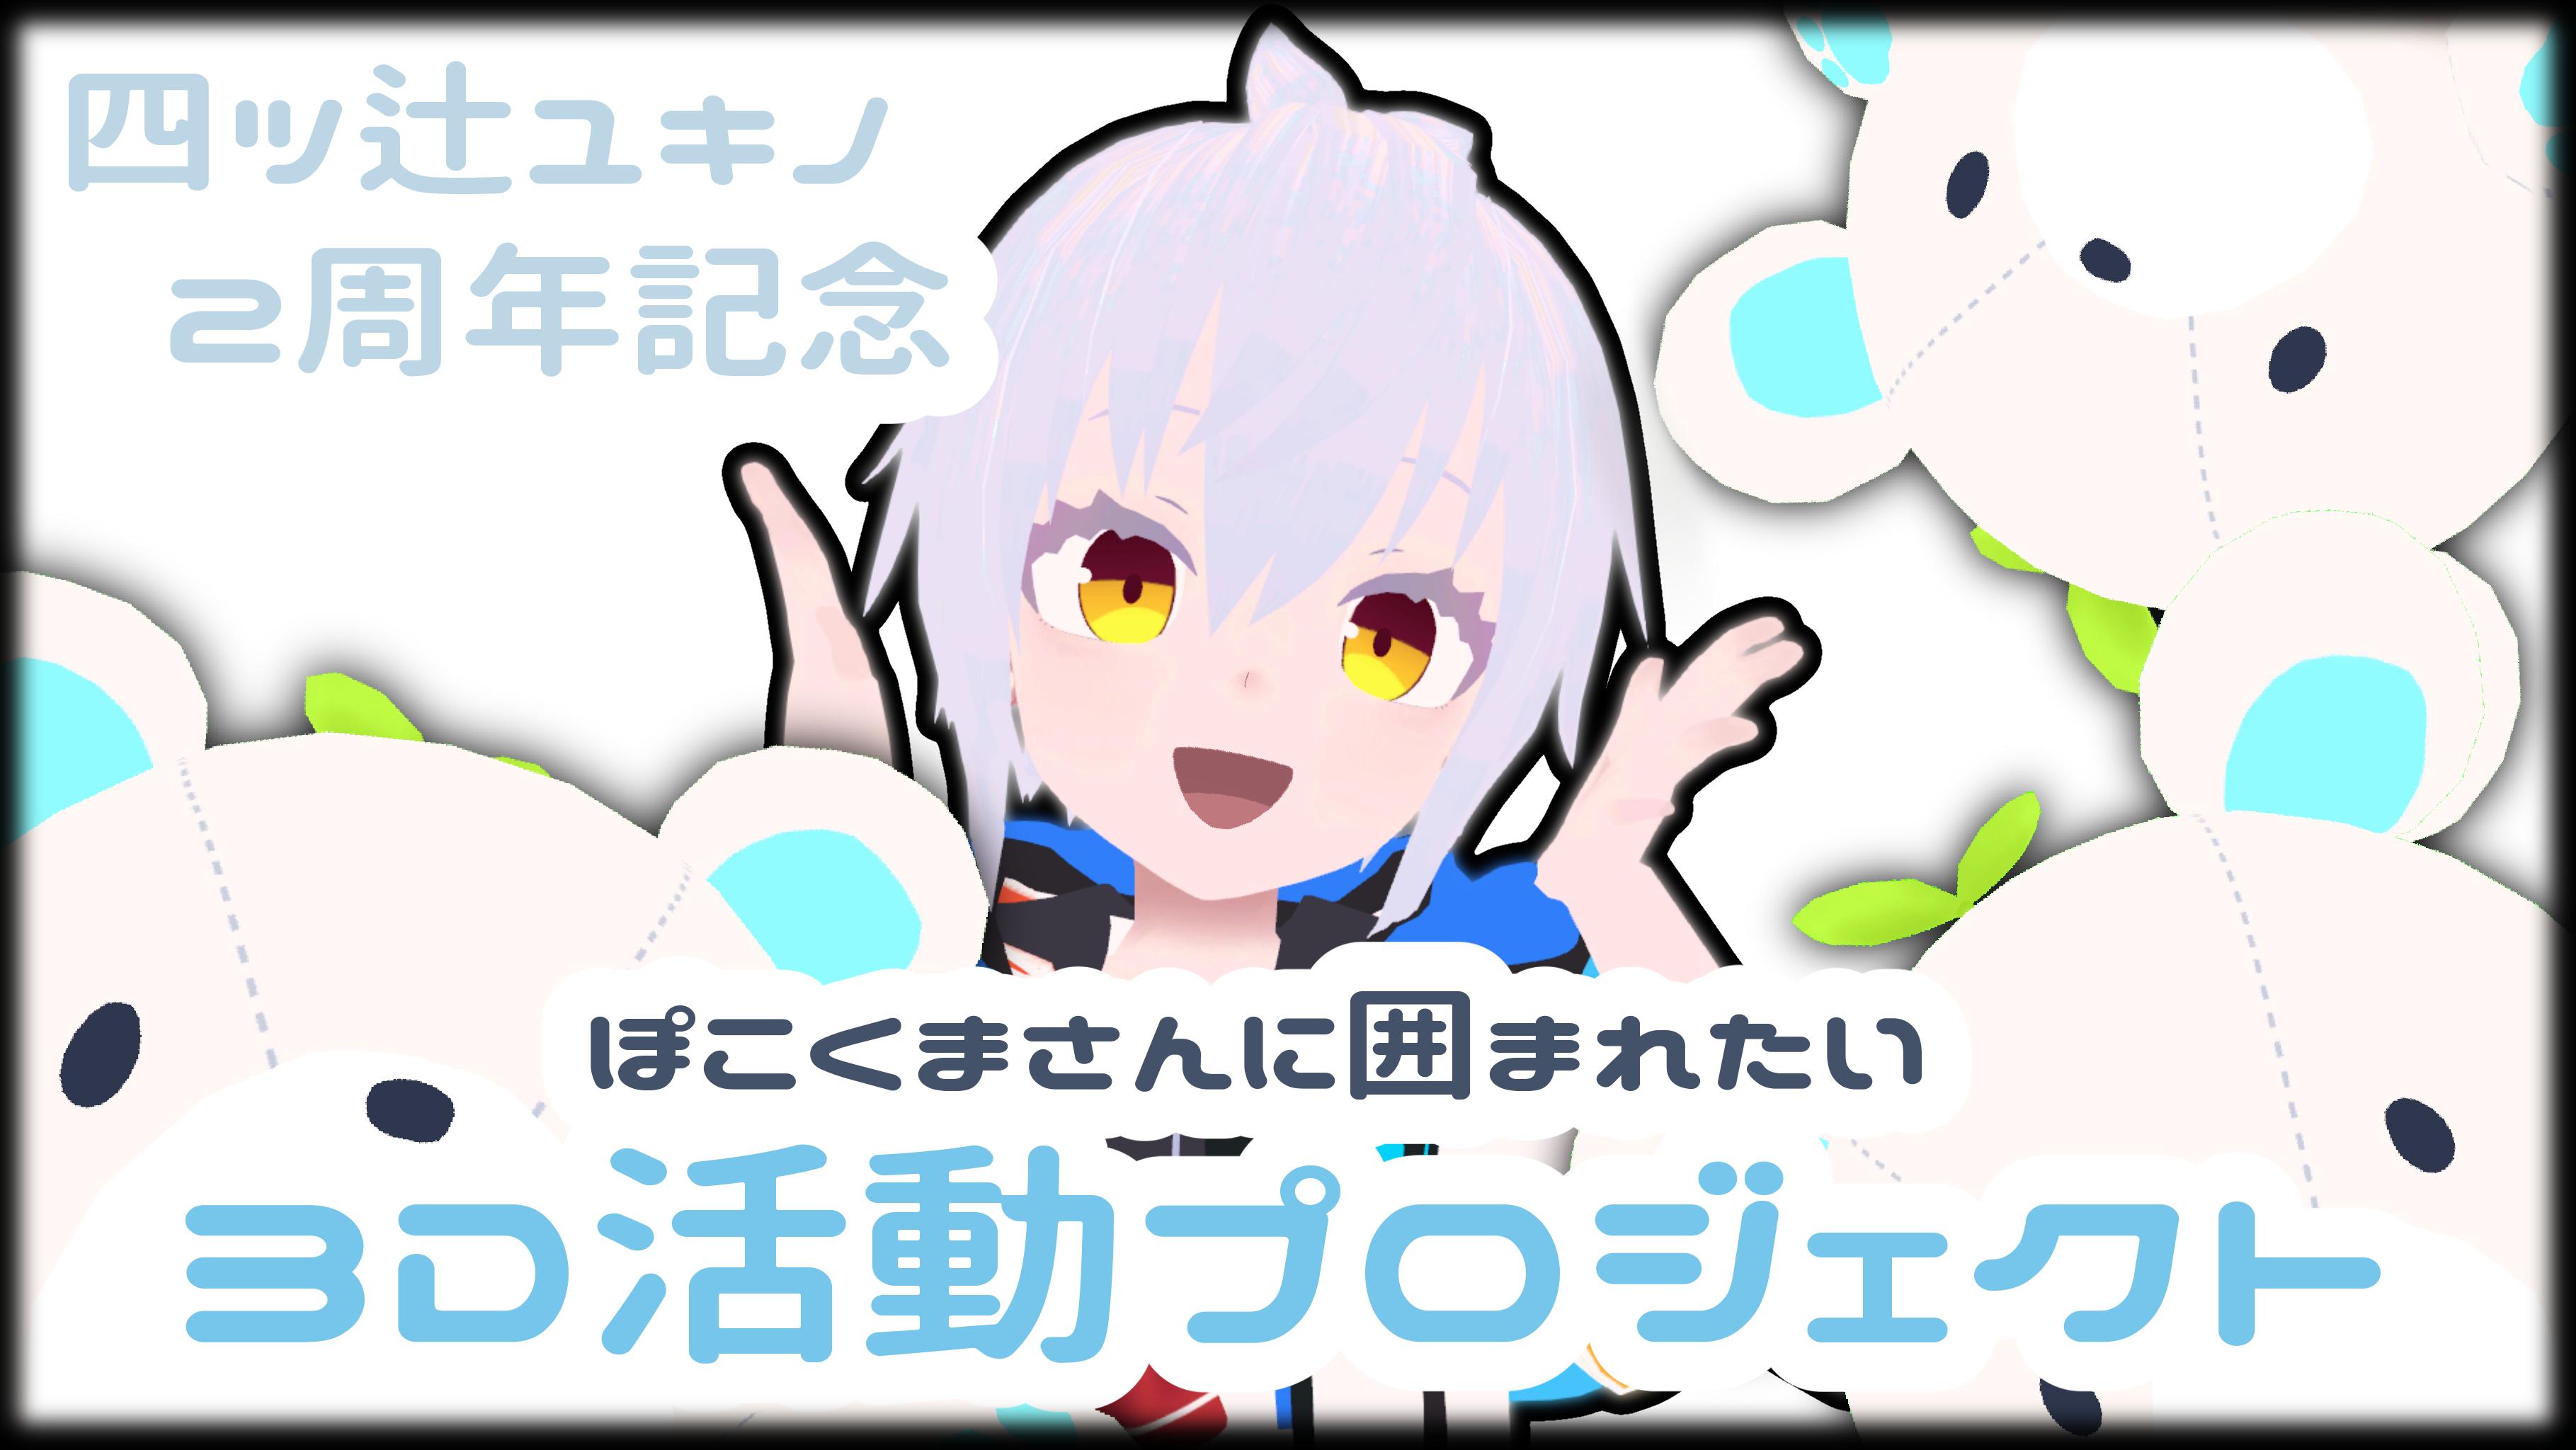 『四ツ辻ユキノ二周年記念3D活動プロジェクト』【Vtuber】